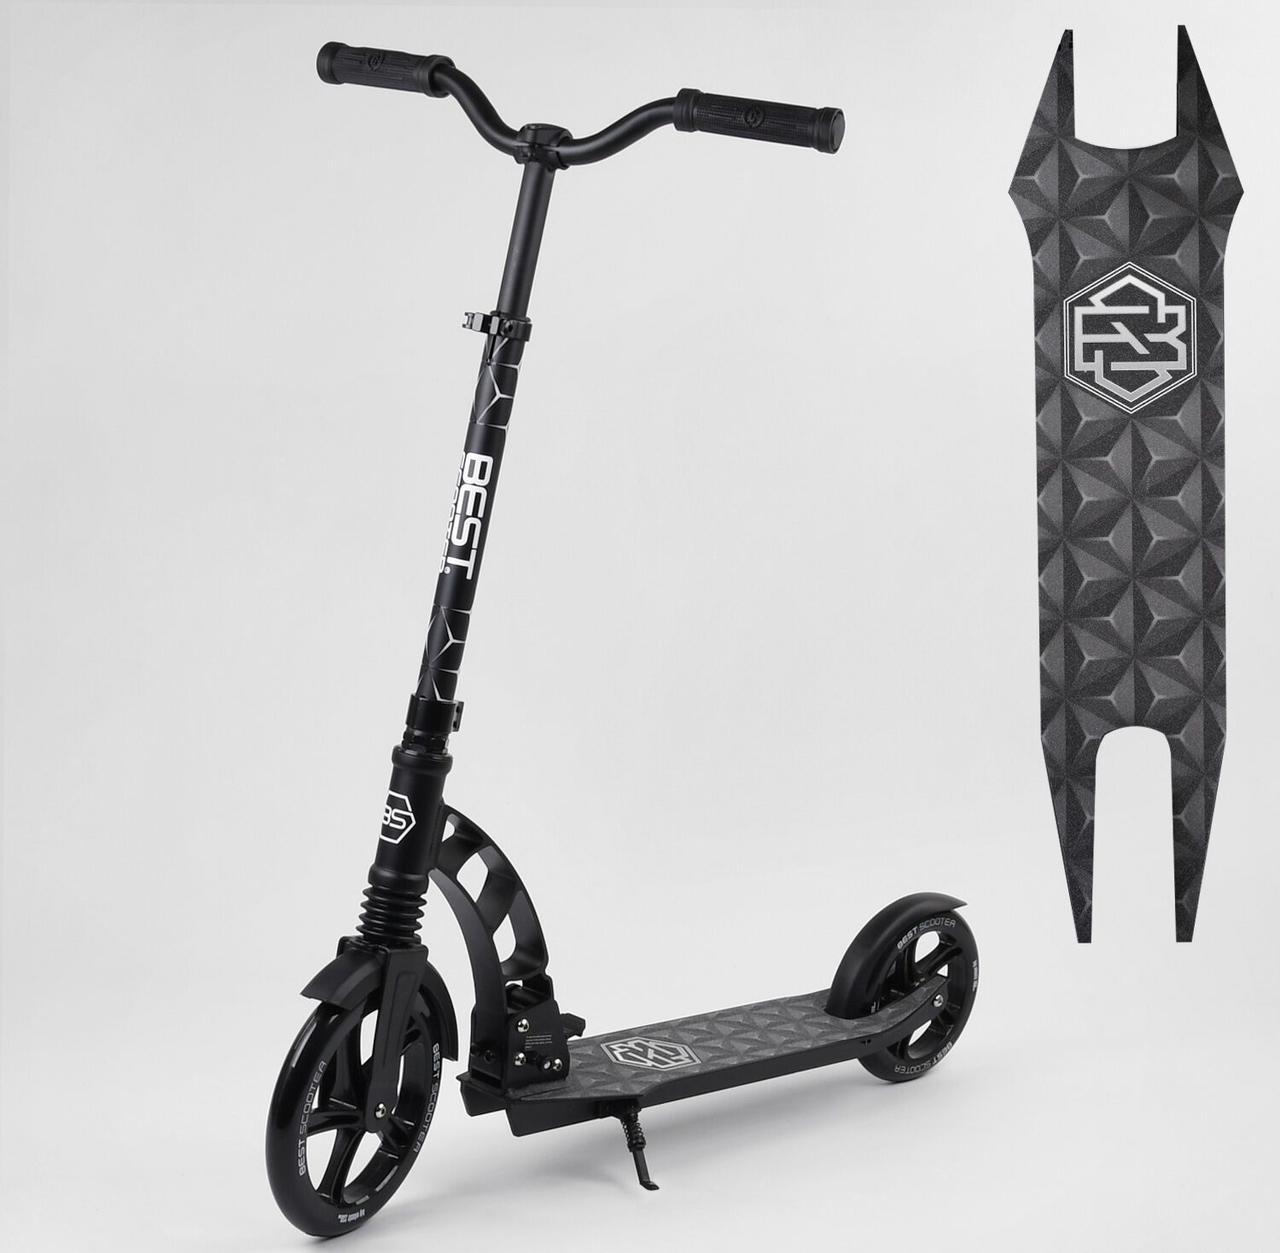 Складной самокат с большими полиуретановыми колесами, зажимом руля Best Scooter 47351, цвет черный